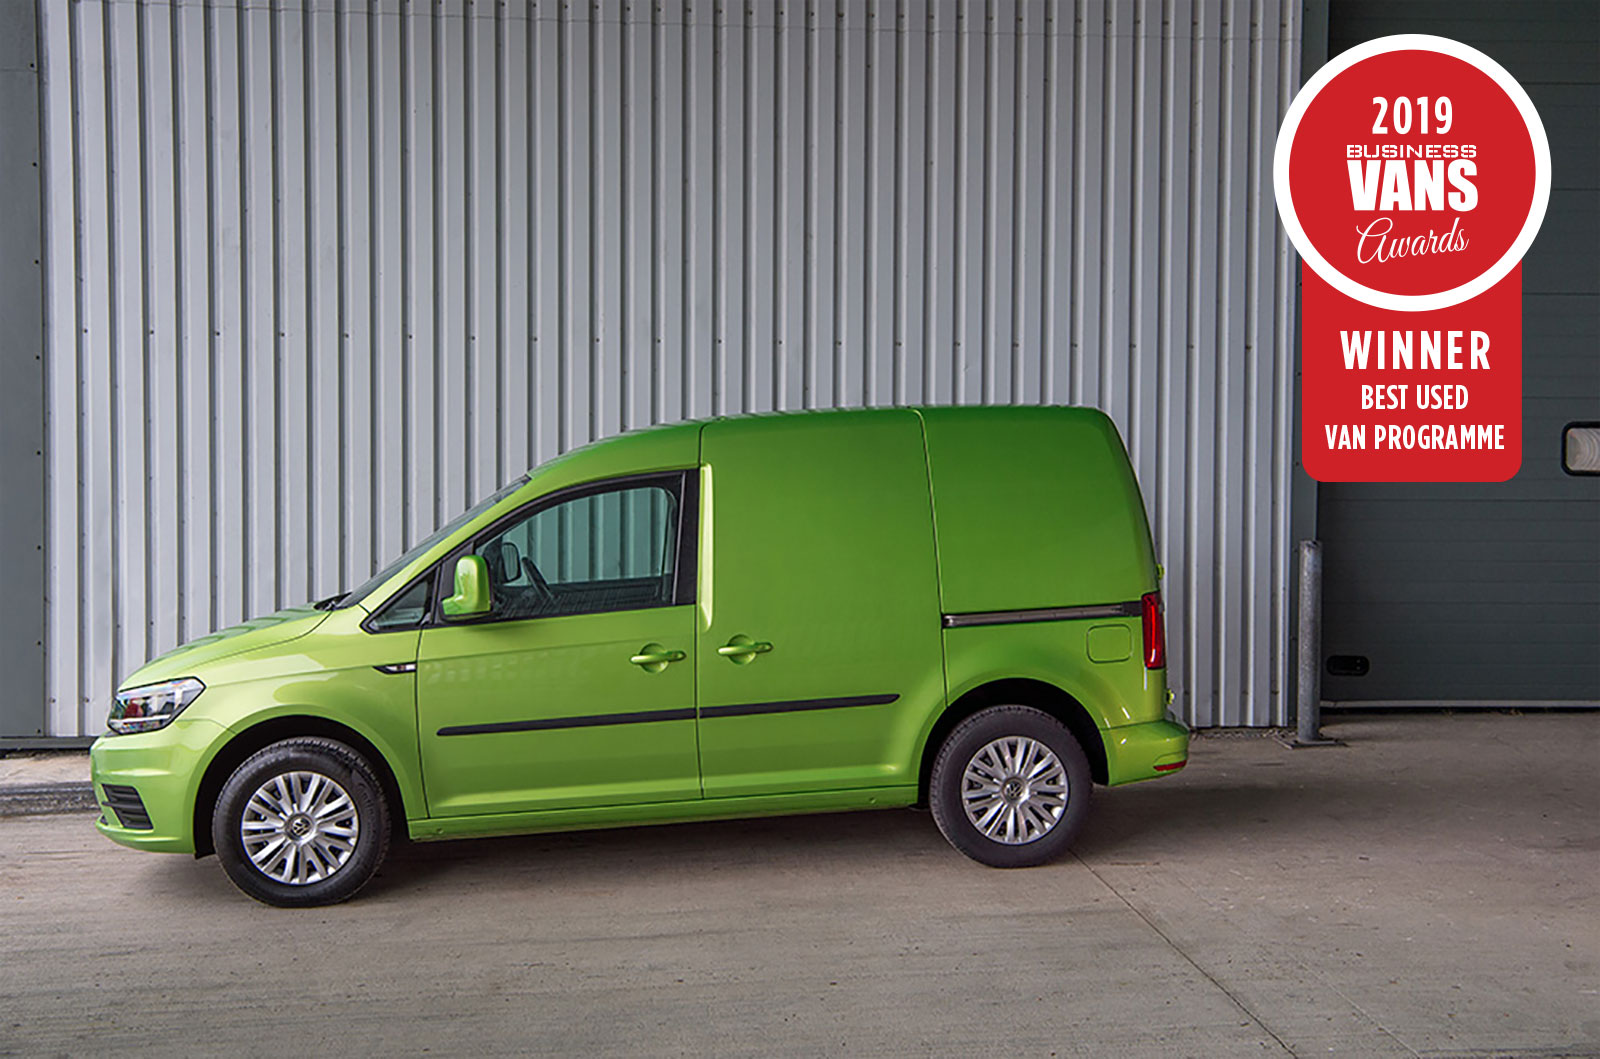 d95867395e Best Used Van Programme – Volkswagen Commercial Vehicles - Business Vans